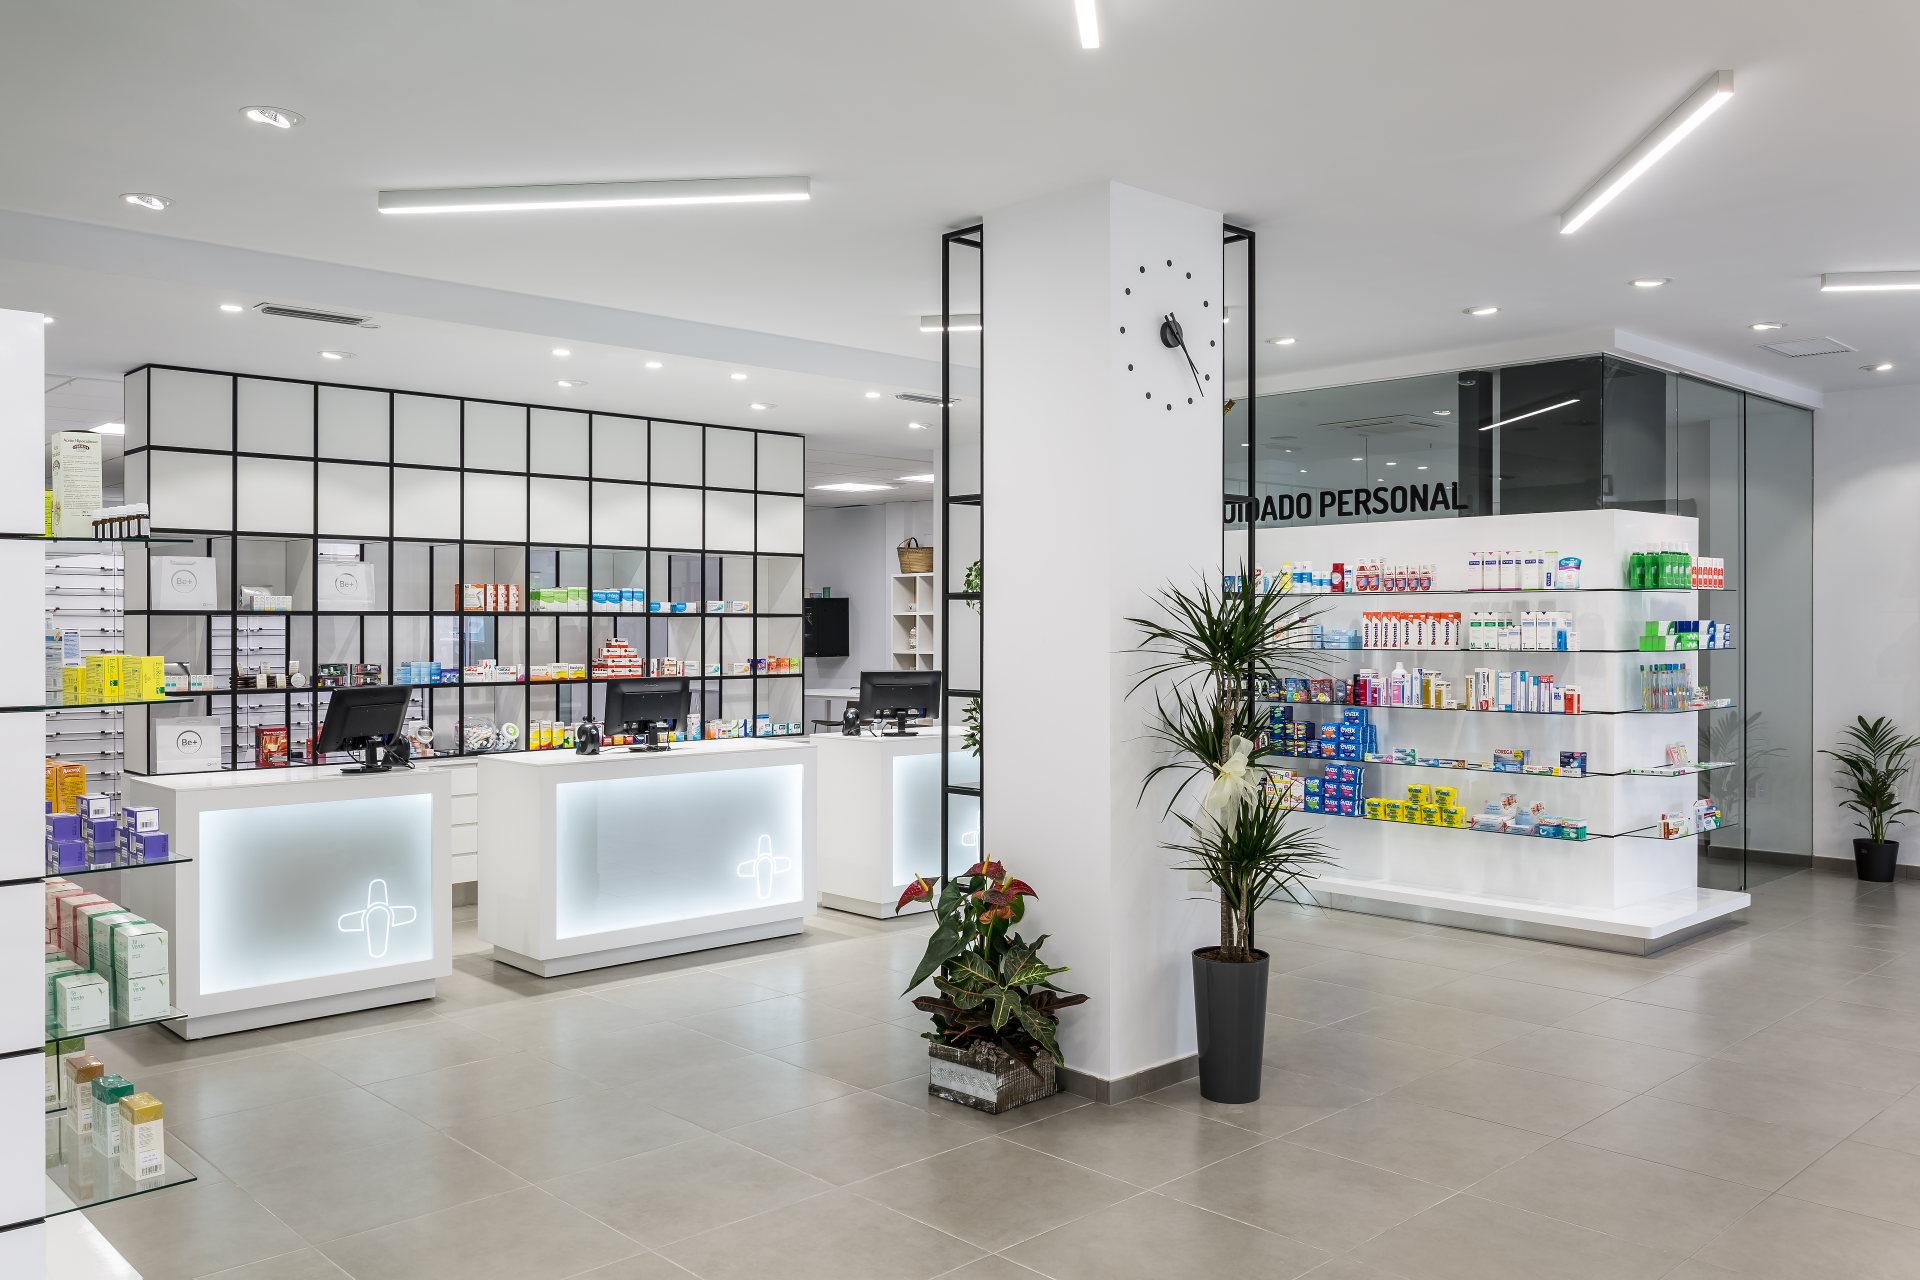 fotografia-arquitectura-valencia-german-cabo-d'estudio-farmacia-sud-picassent (14)